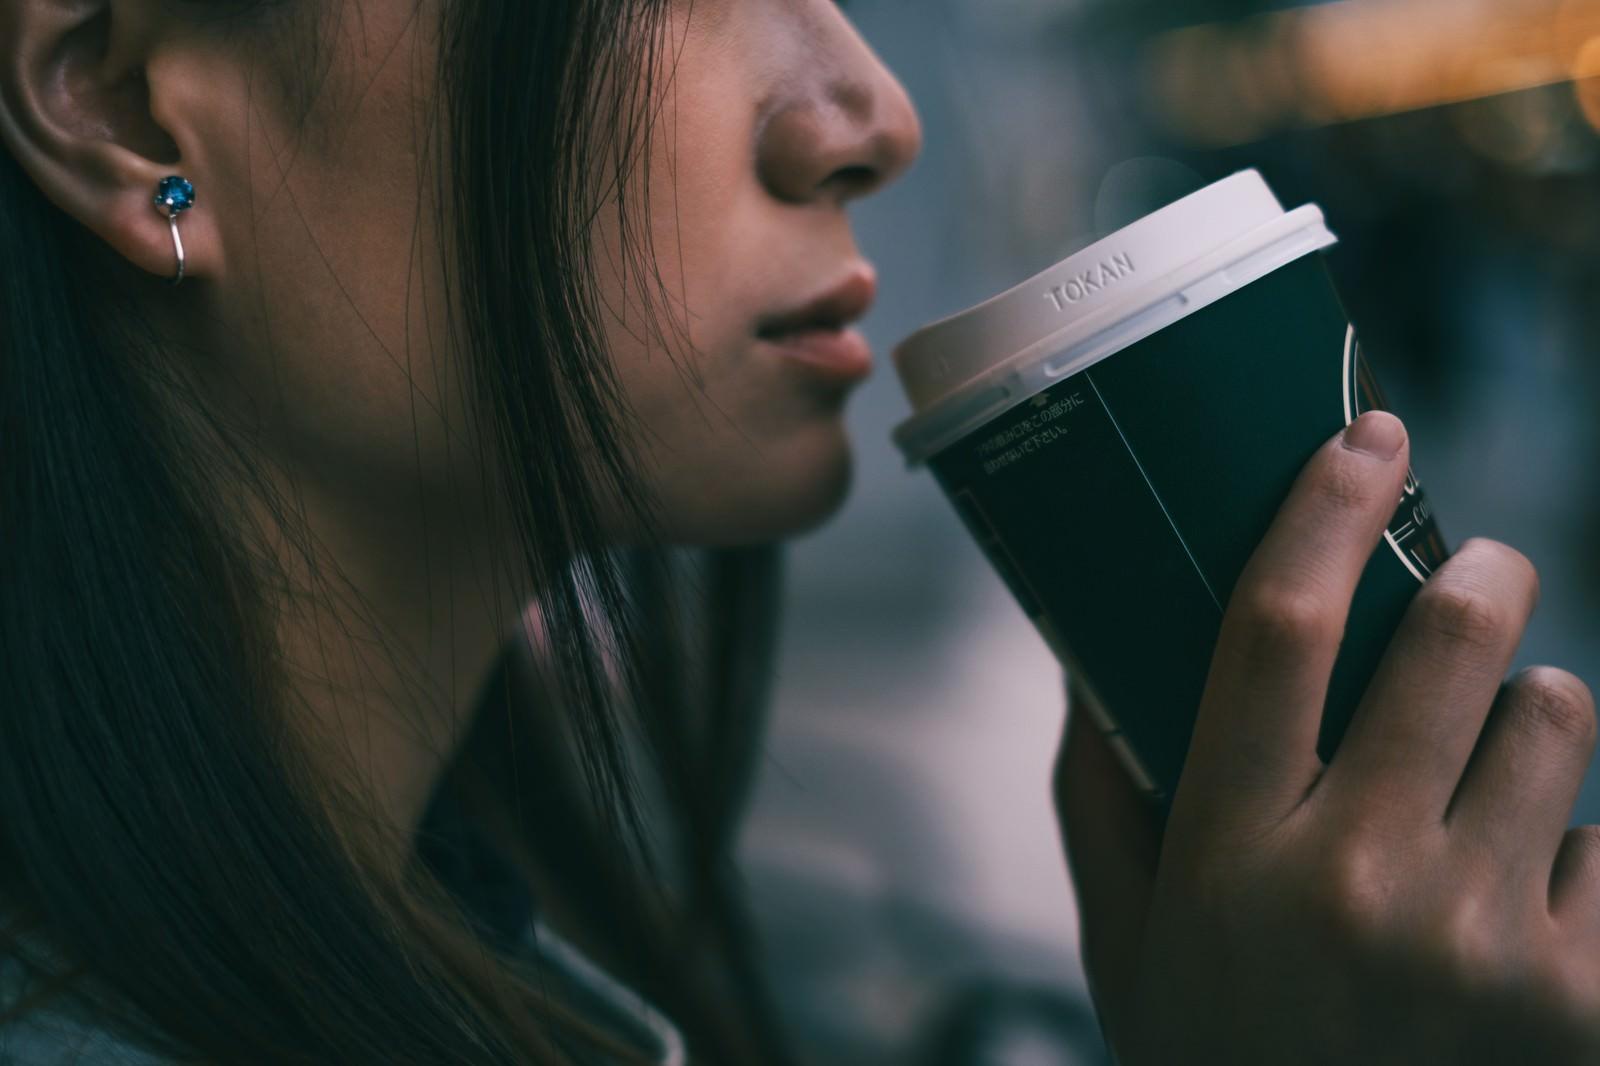 「コーヒータイムの女性の口元」の写真